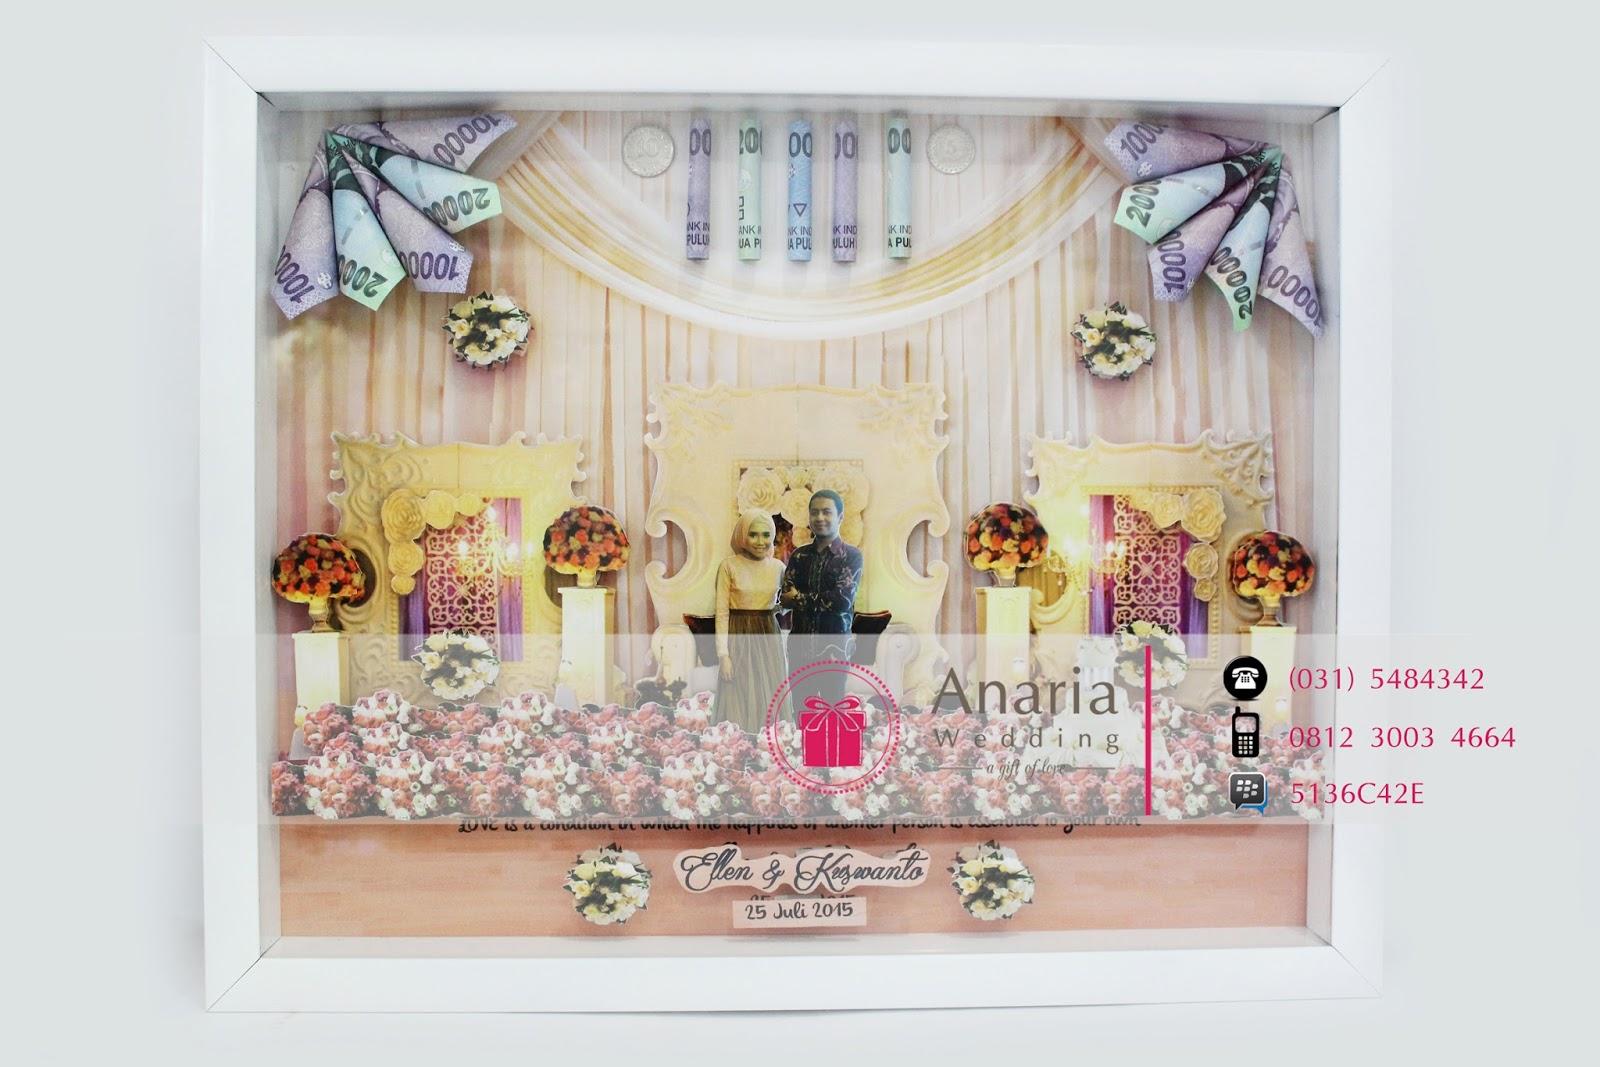 Mahar Uang Pop Up Atau Di Anaria Wedding Disebut Juga Dengan Mahar Uang Pop Art Mahar Unik Yang Terbentuk Dari Tumpukan Pop Up Kertas Yang Kami